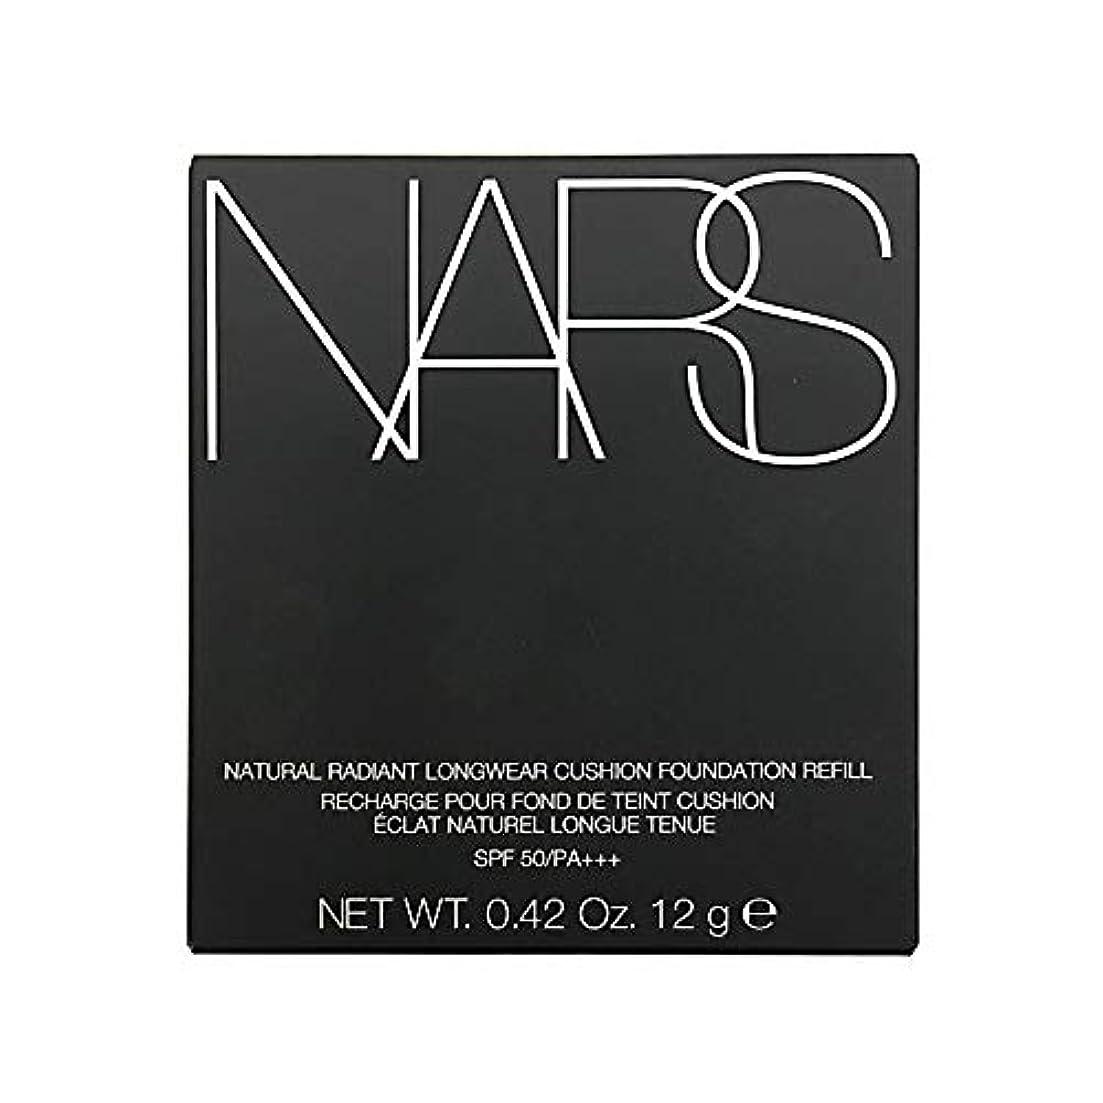 教義多様な怪物ナーズ/NARS ナチュラルラディアント ロングウェア クッションファンデーション(レフィル)#5878 [ クッションファンデ ] [並行輸入品]